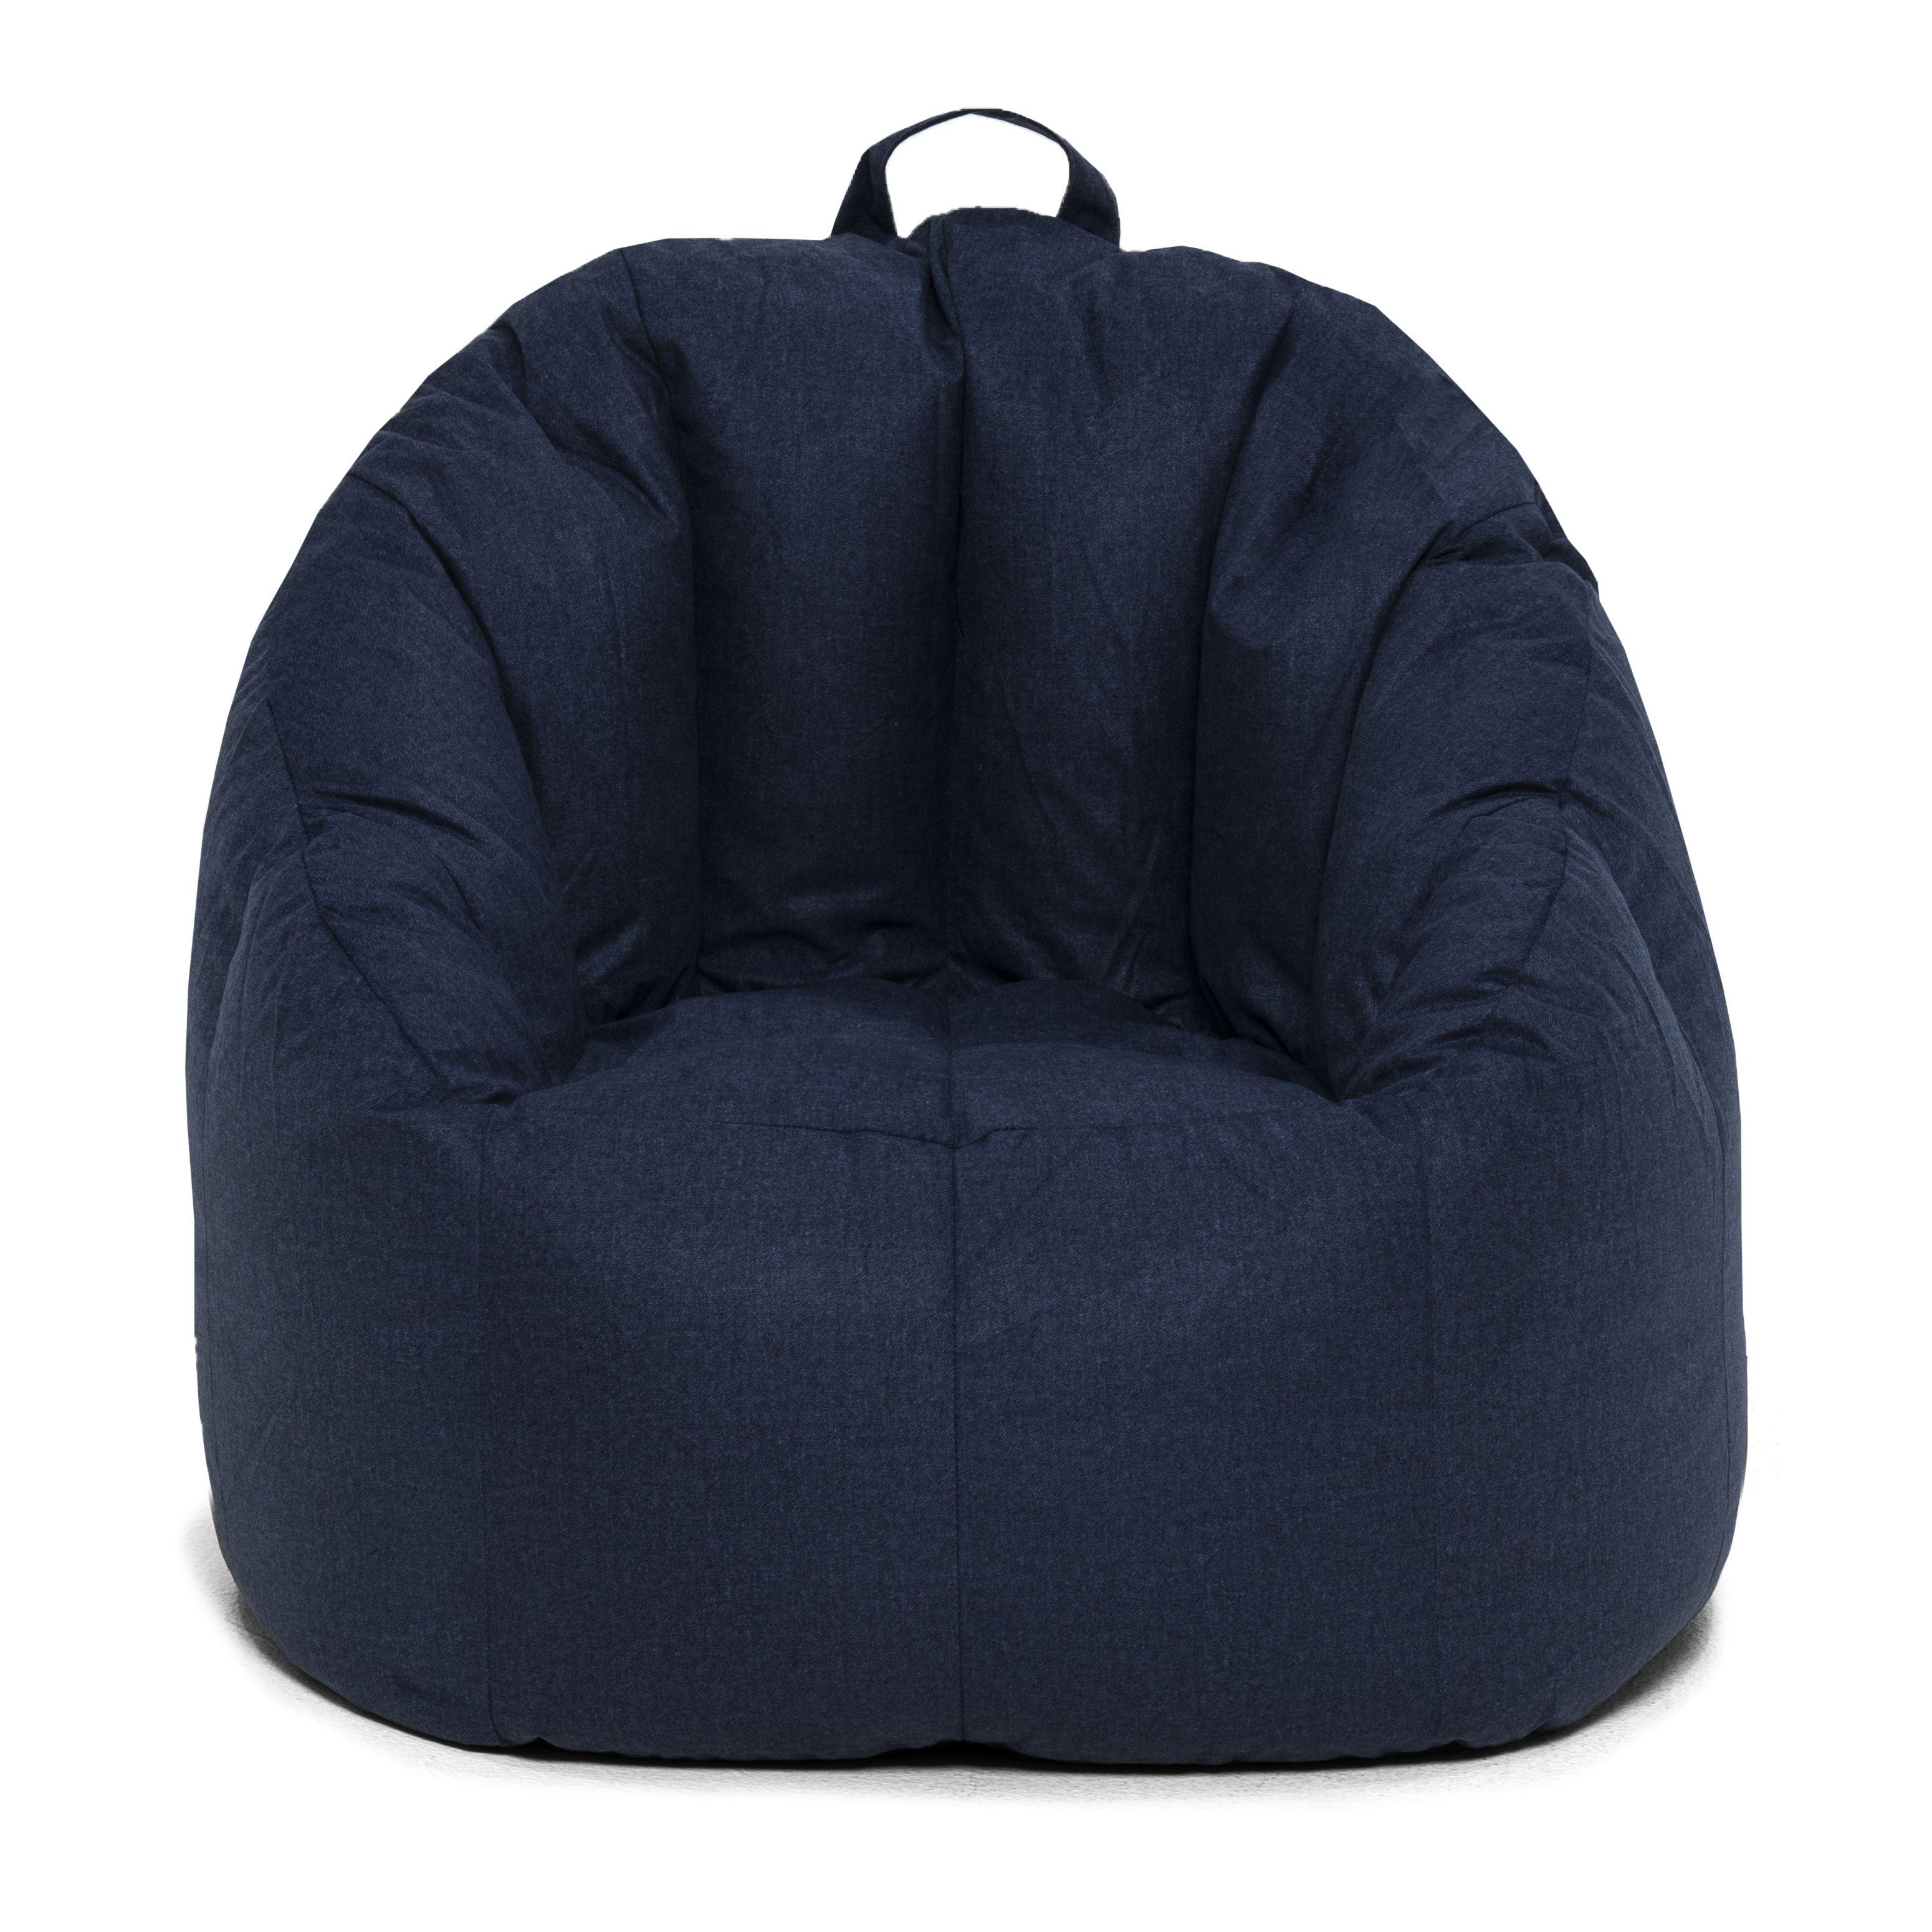 """Big Joe Joey Bean Bag Chair, Cobalt 28.5"""" x 24.5"""" x 26.5"""